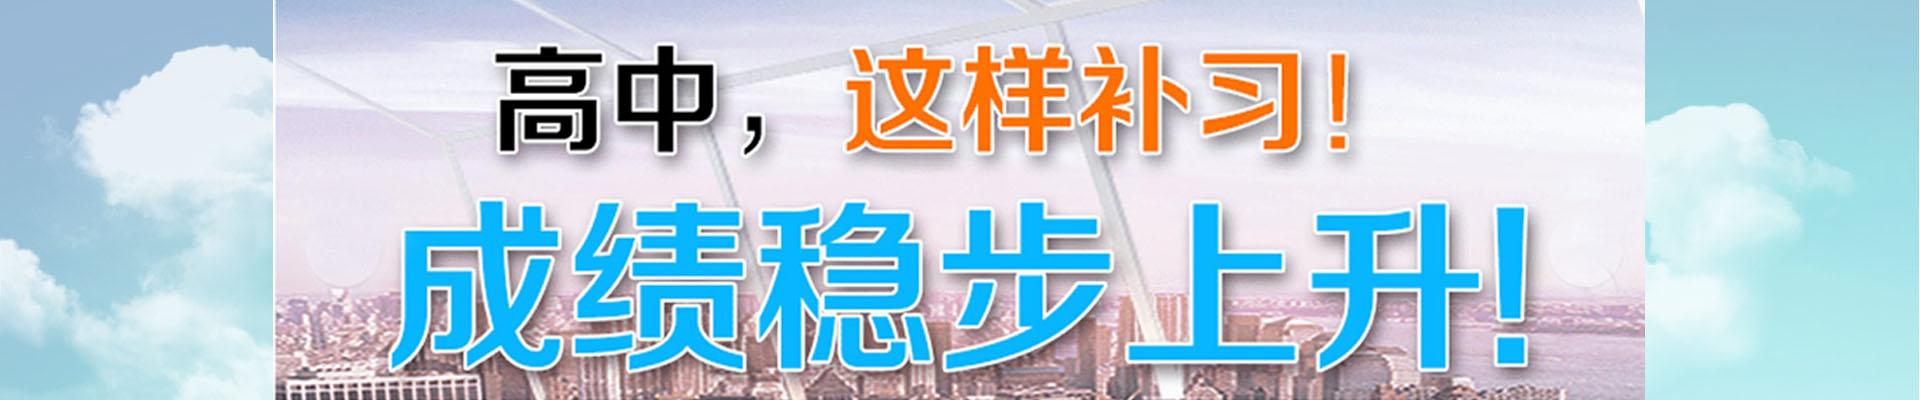 郑州捷登教育金水区学习中心